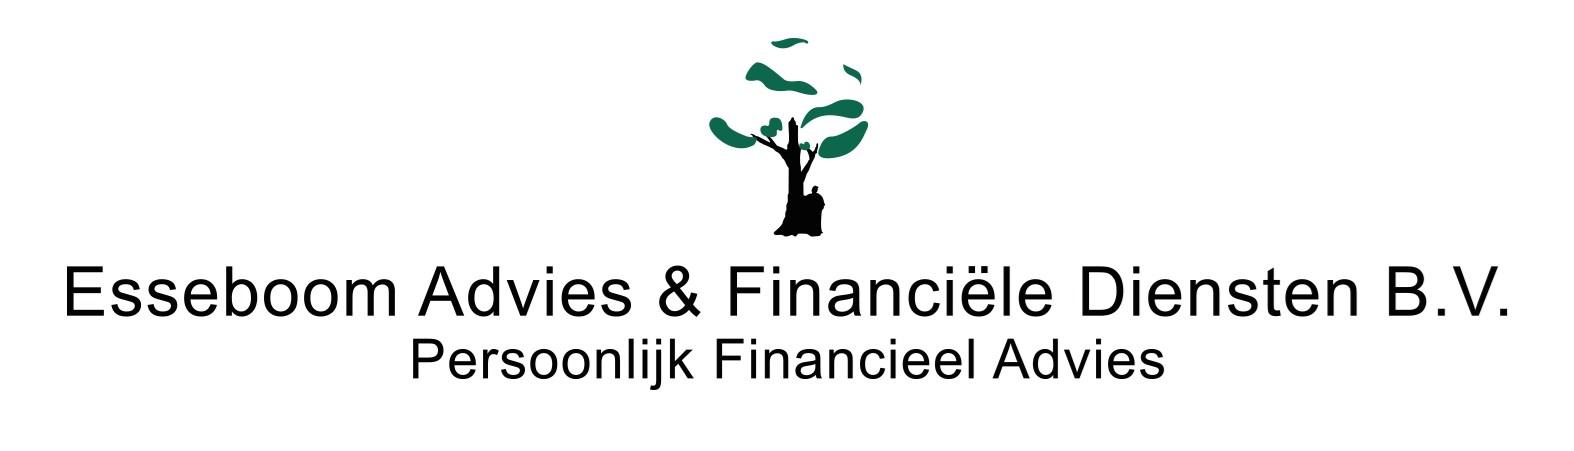 Logo van Esseboom Advies & Financiële Diensten B.V.